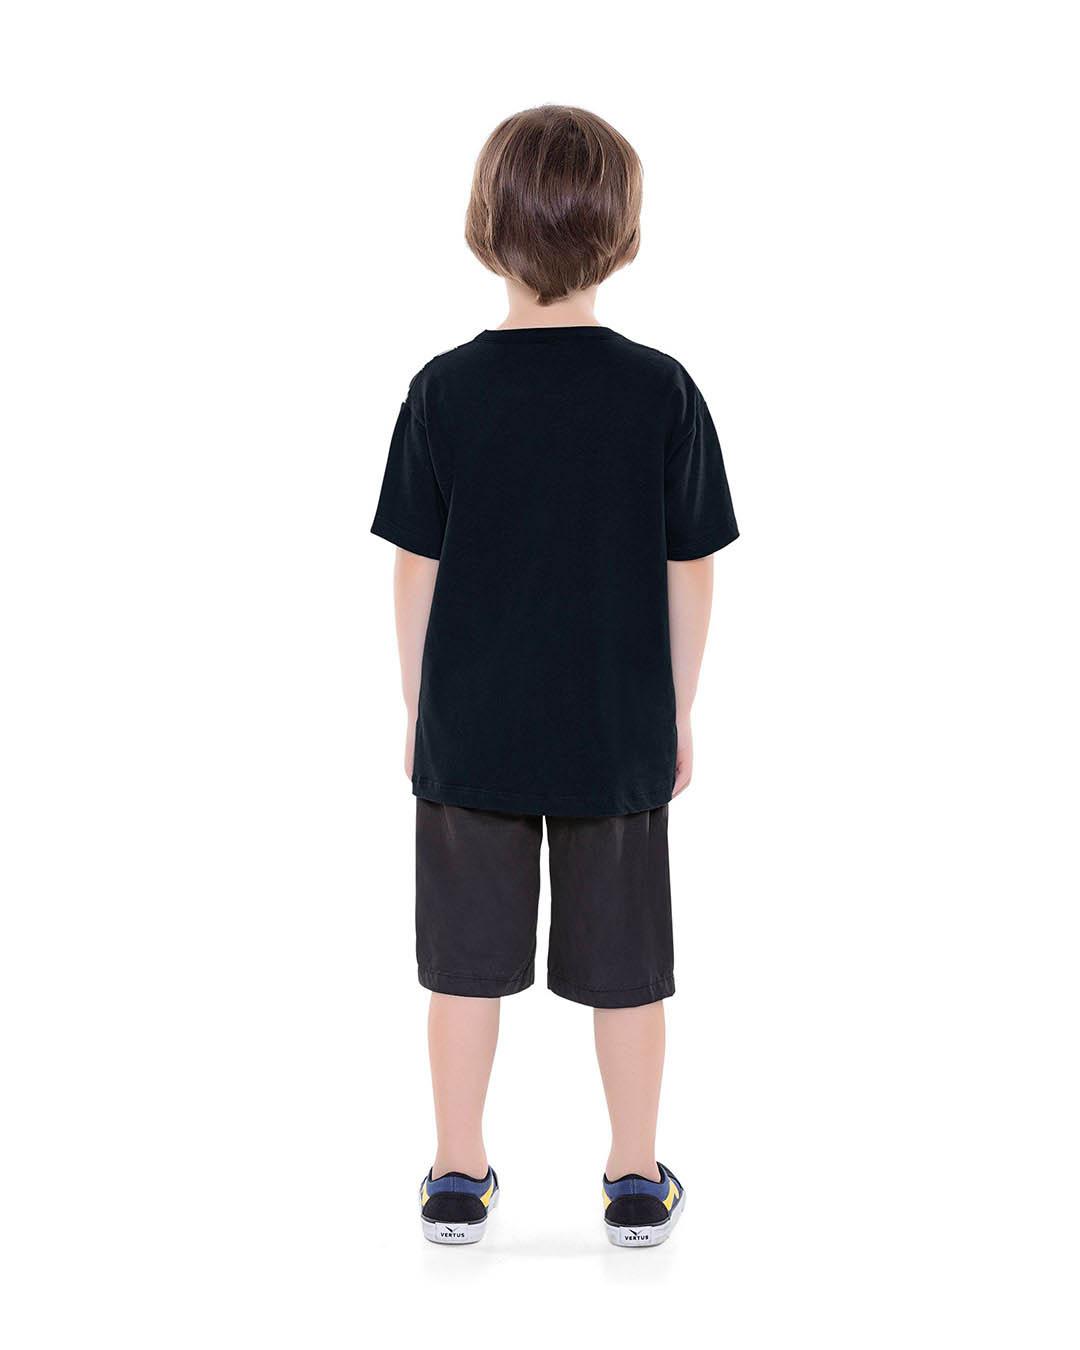 Camiseta Infantil Spider-Man - Fakini